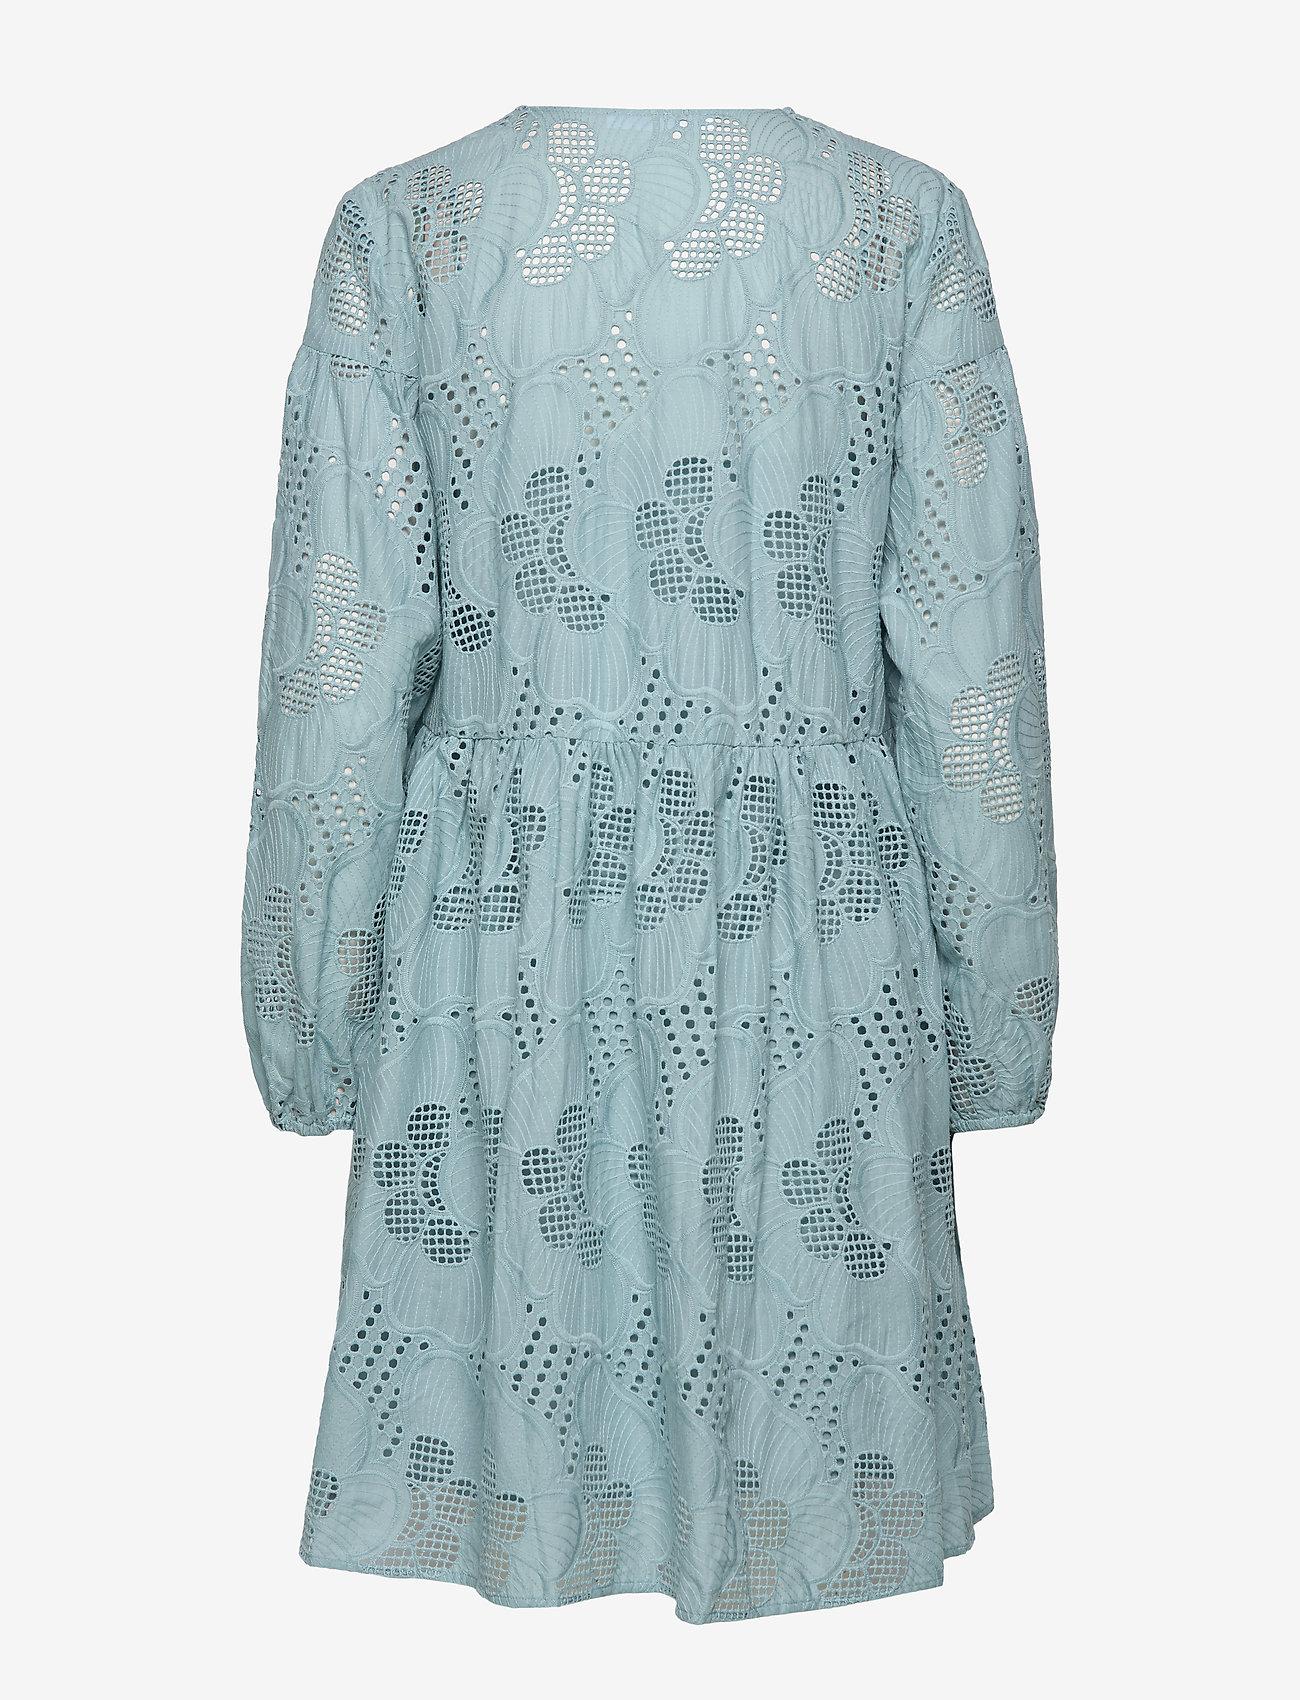 Jolie Short Dress 11455 (Tourmaline) (94.50 €) - Samsøe Samsøe X7zOF